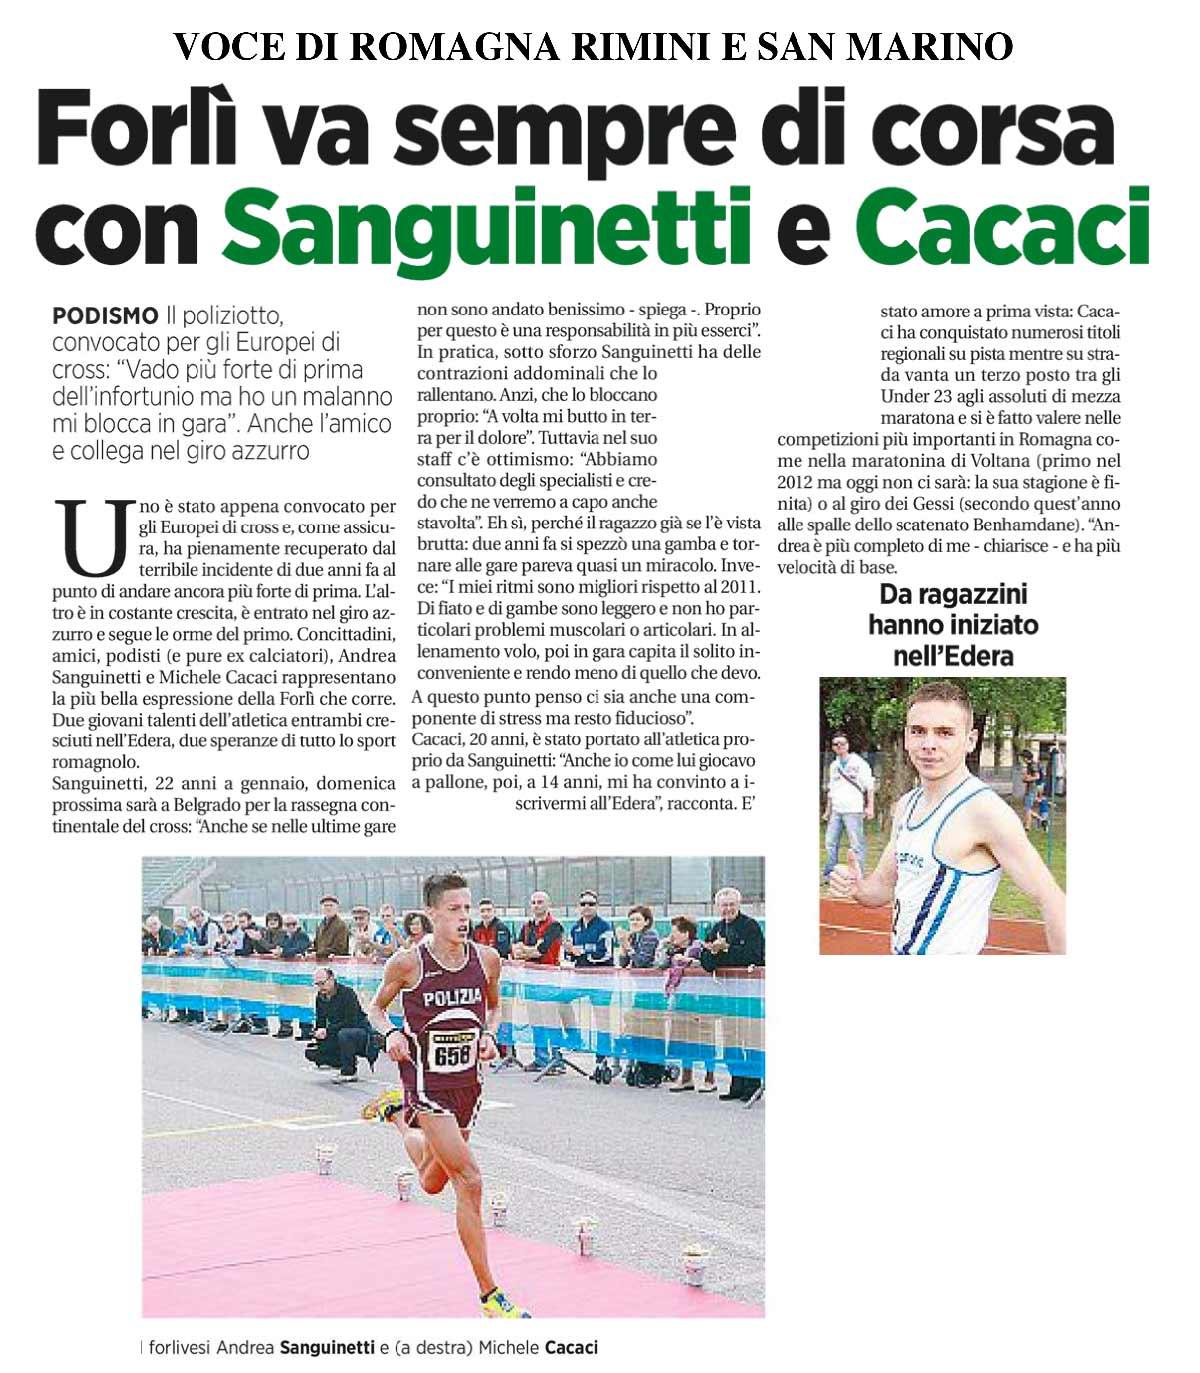 Andrea Sanguinetti - La Voce di Romagna 01 dicembre 2013 - Fiamme Oro Atletica